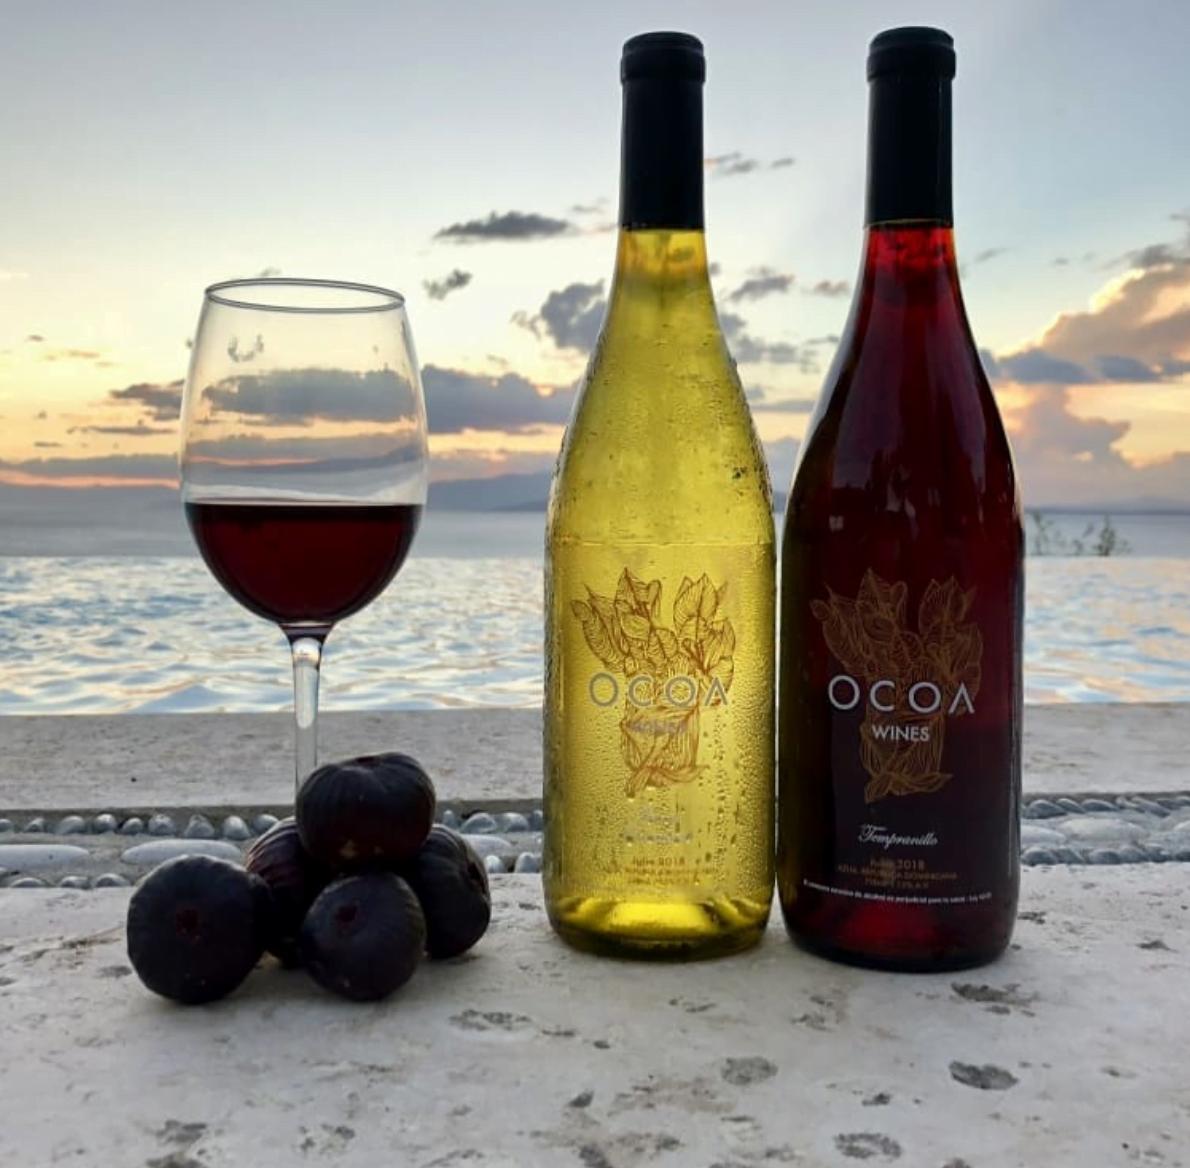 due bottiglie di vino con bicchiere del primo vigneto dei caraibi